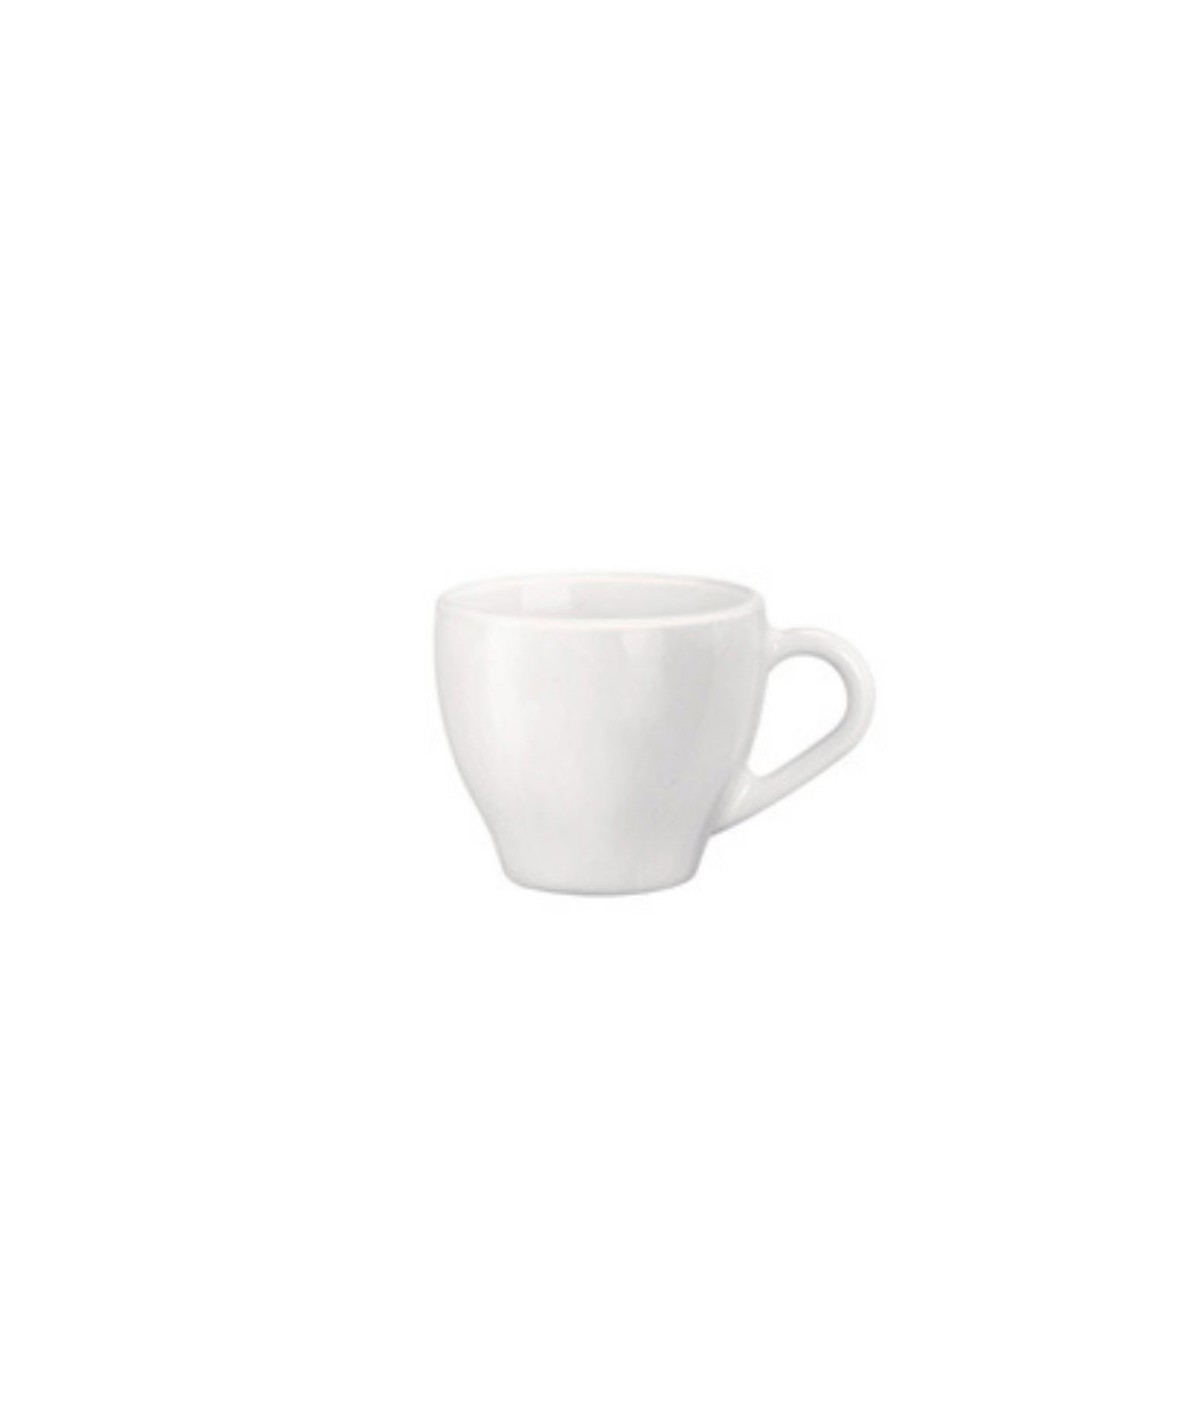 Tazzine da caffè bianche...